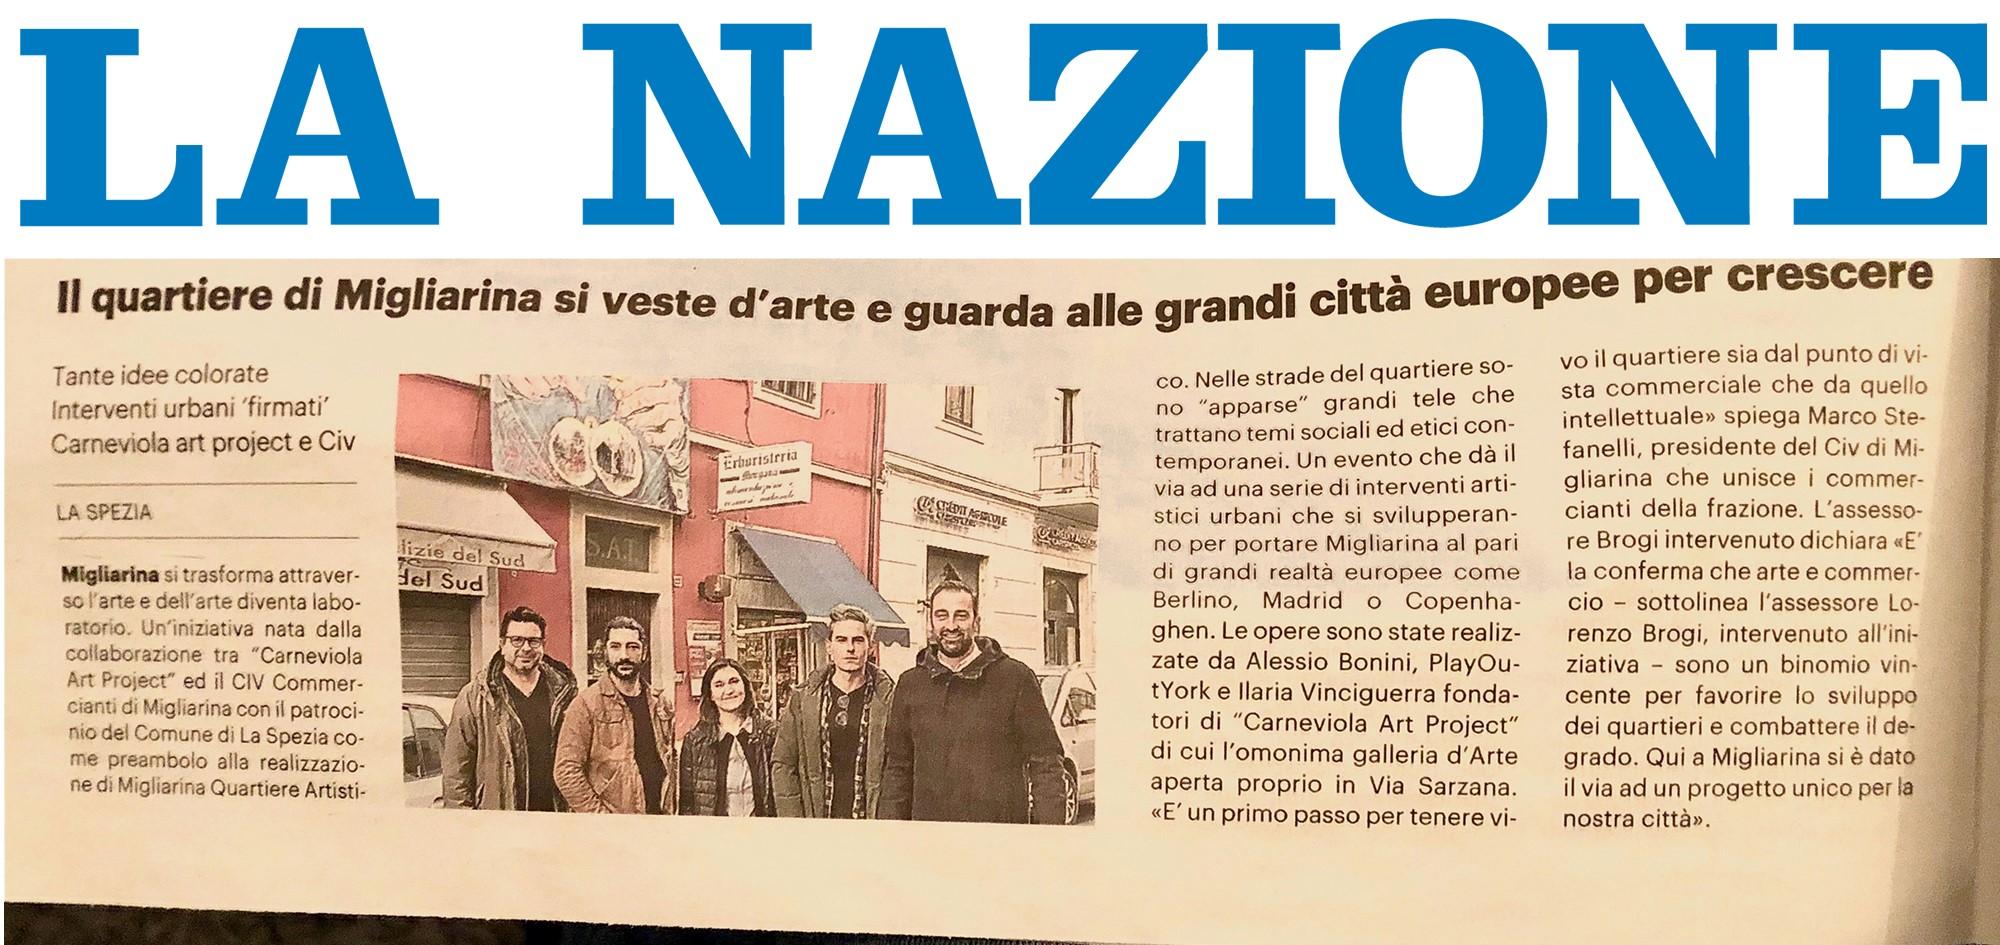 With These Eyes - Migliarina quartiere dell'Arte - Alessio Bonini artista genovese